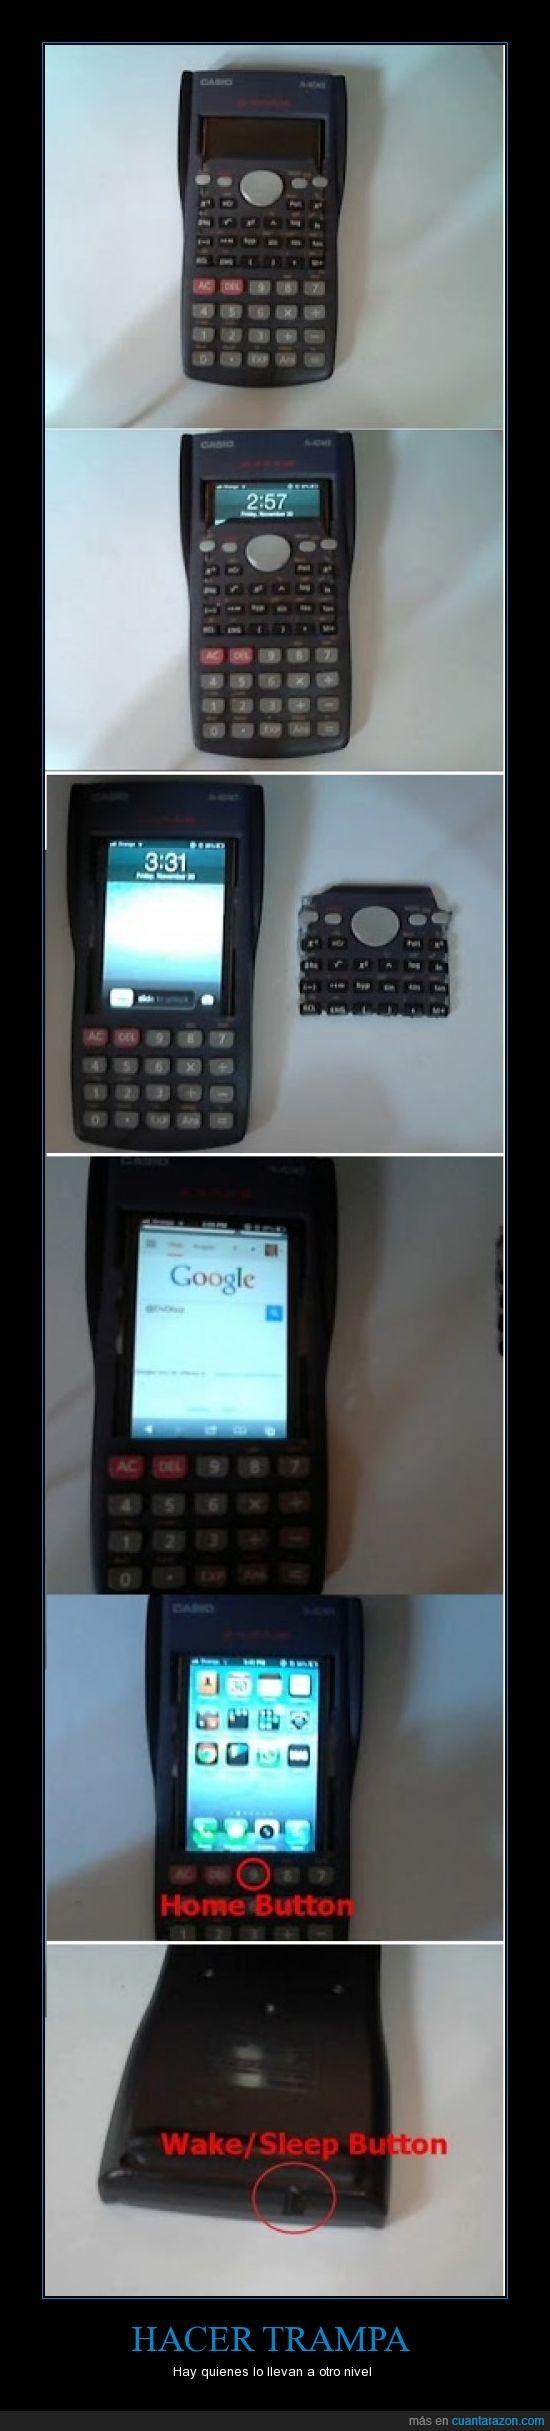 calculadora,chuleta interactica,copiar,disimular,movil